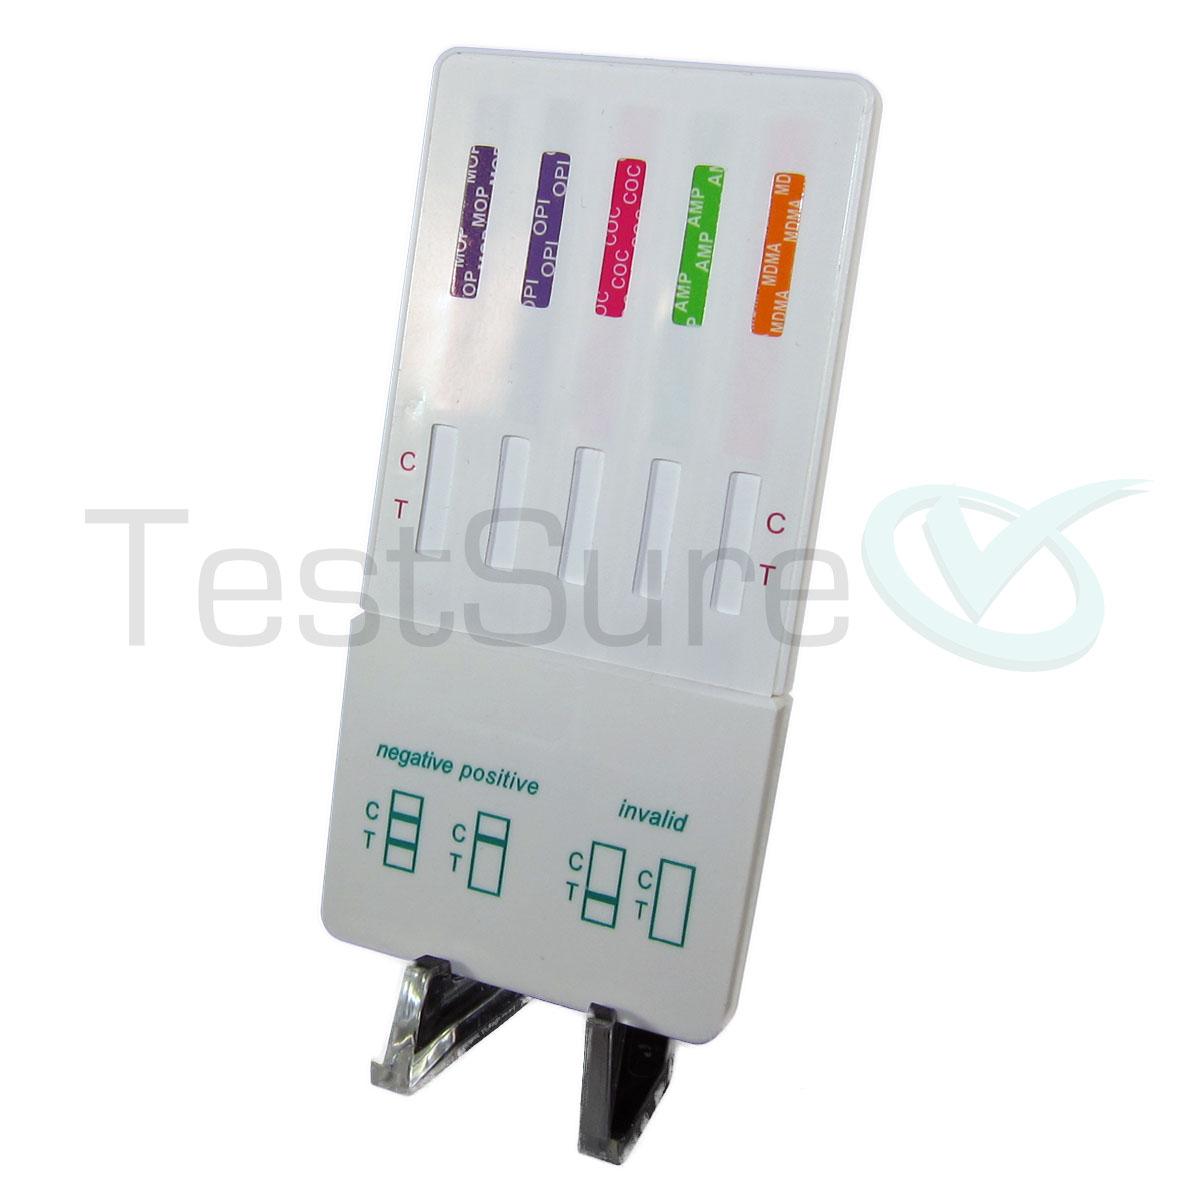 10 panel at home urine drug test